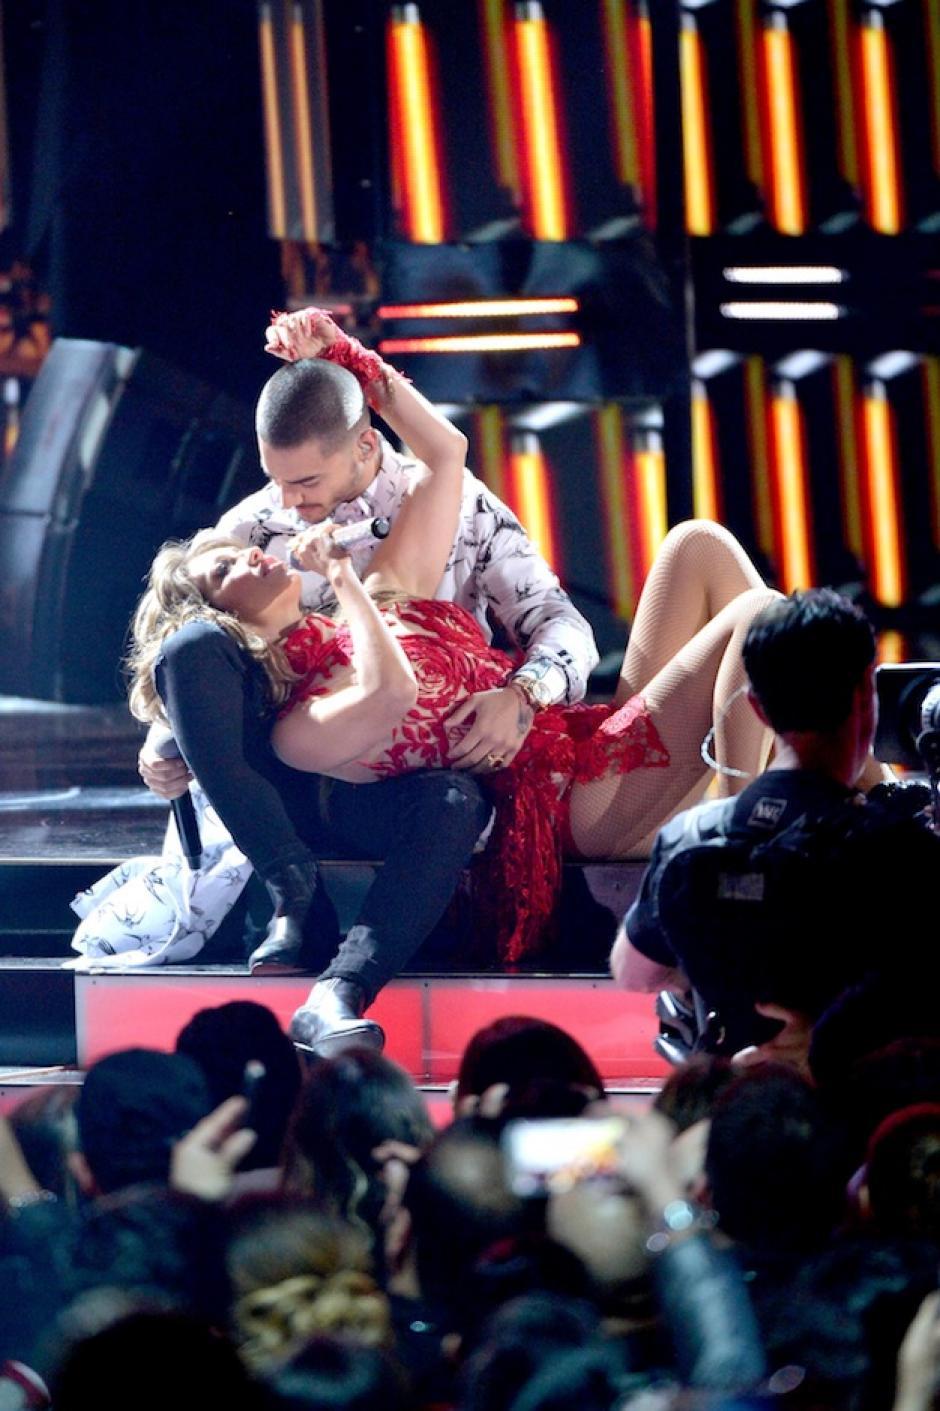 Thalía encendió motores en un especial dúo junto a Maluma. (Foto: Getty Images)